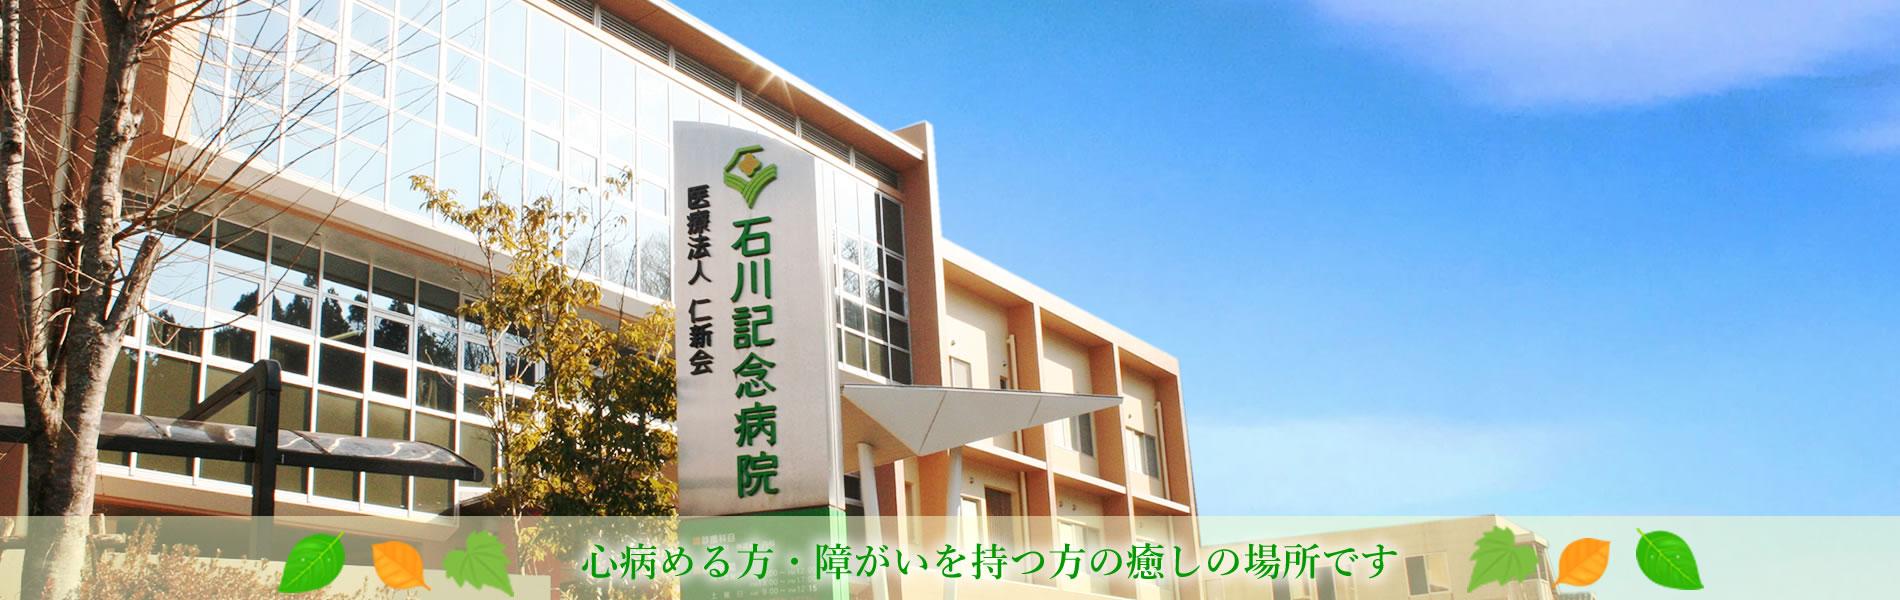 石川記念病院